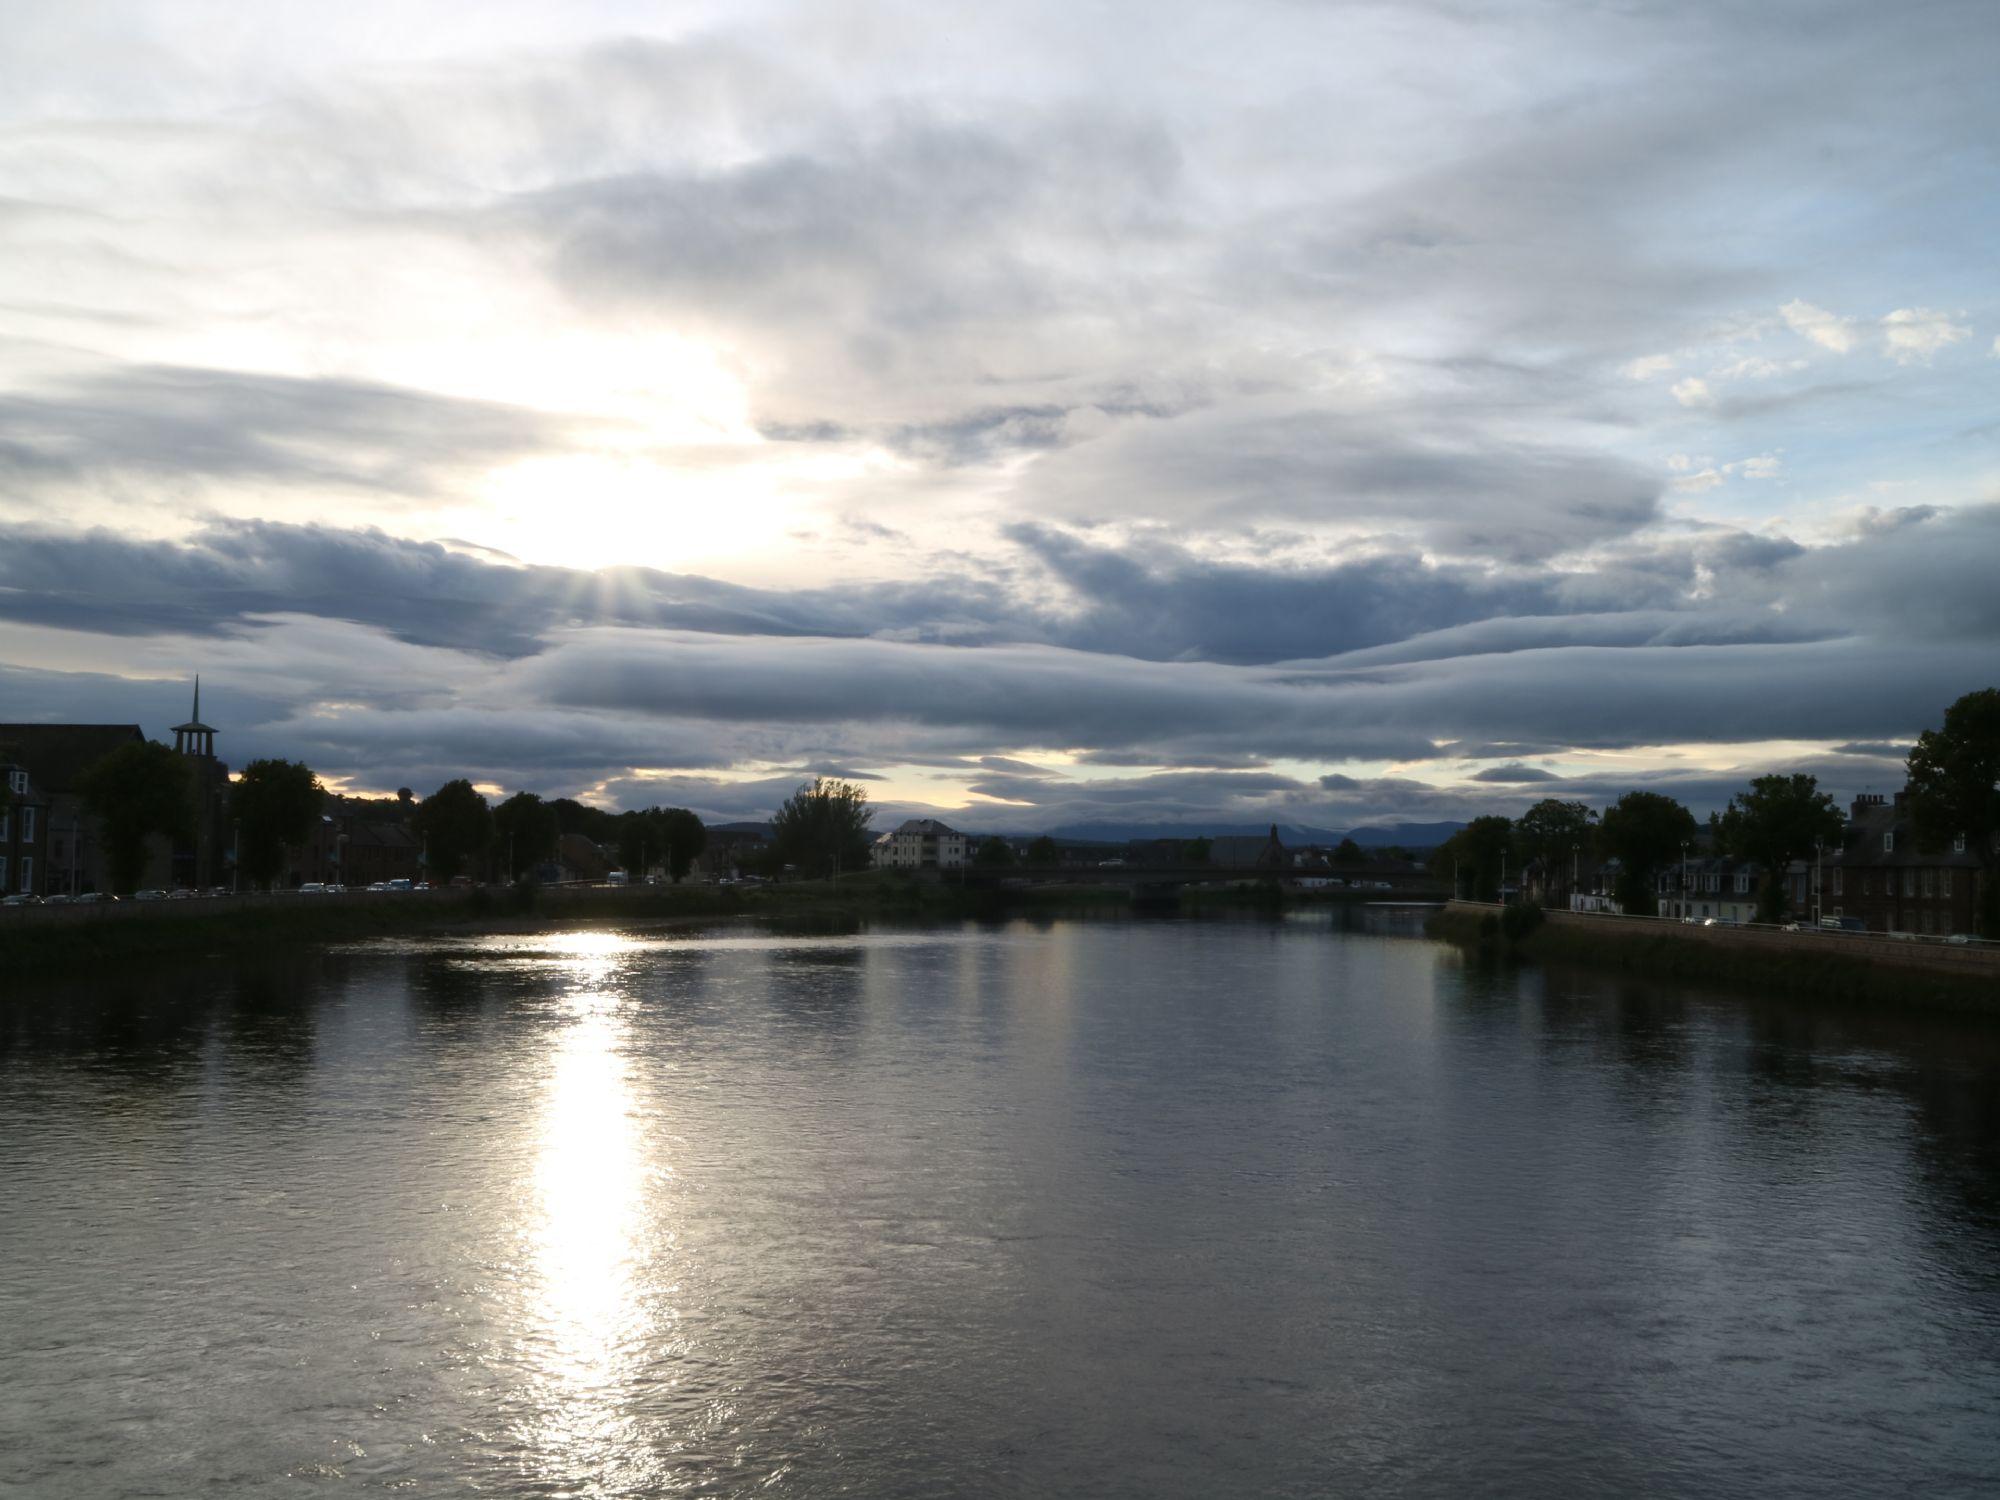 Quite evening in Inverness